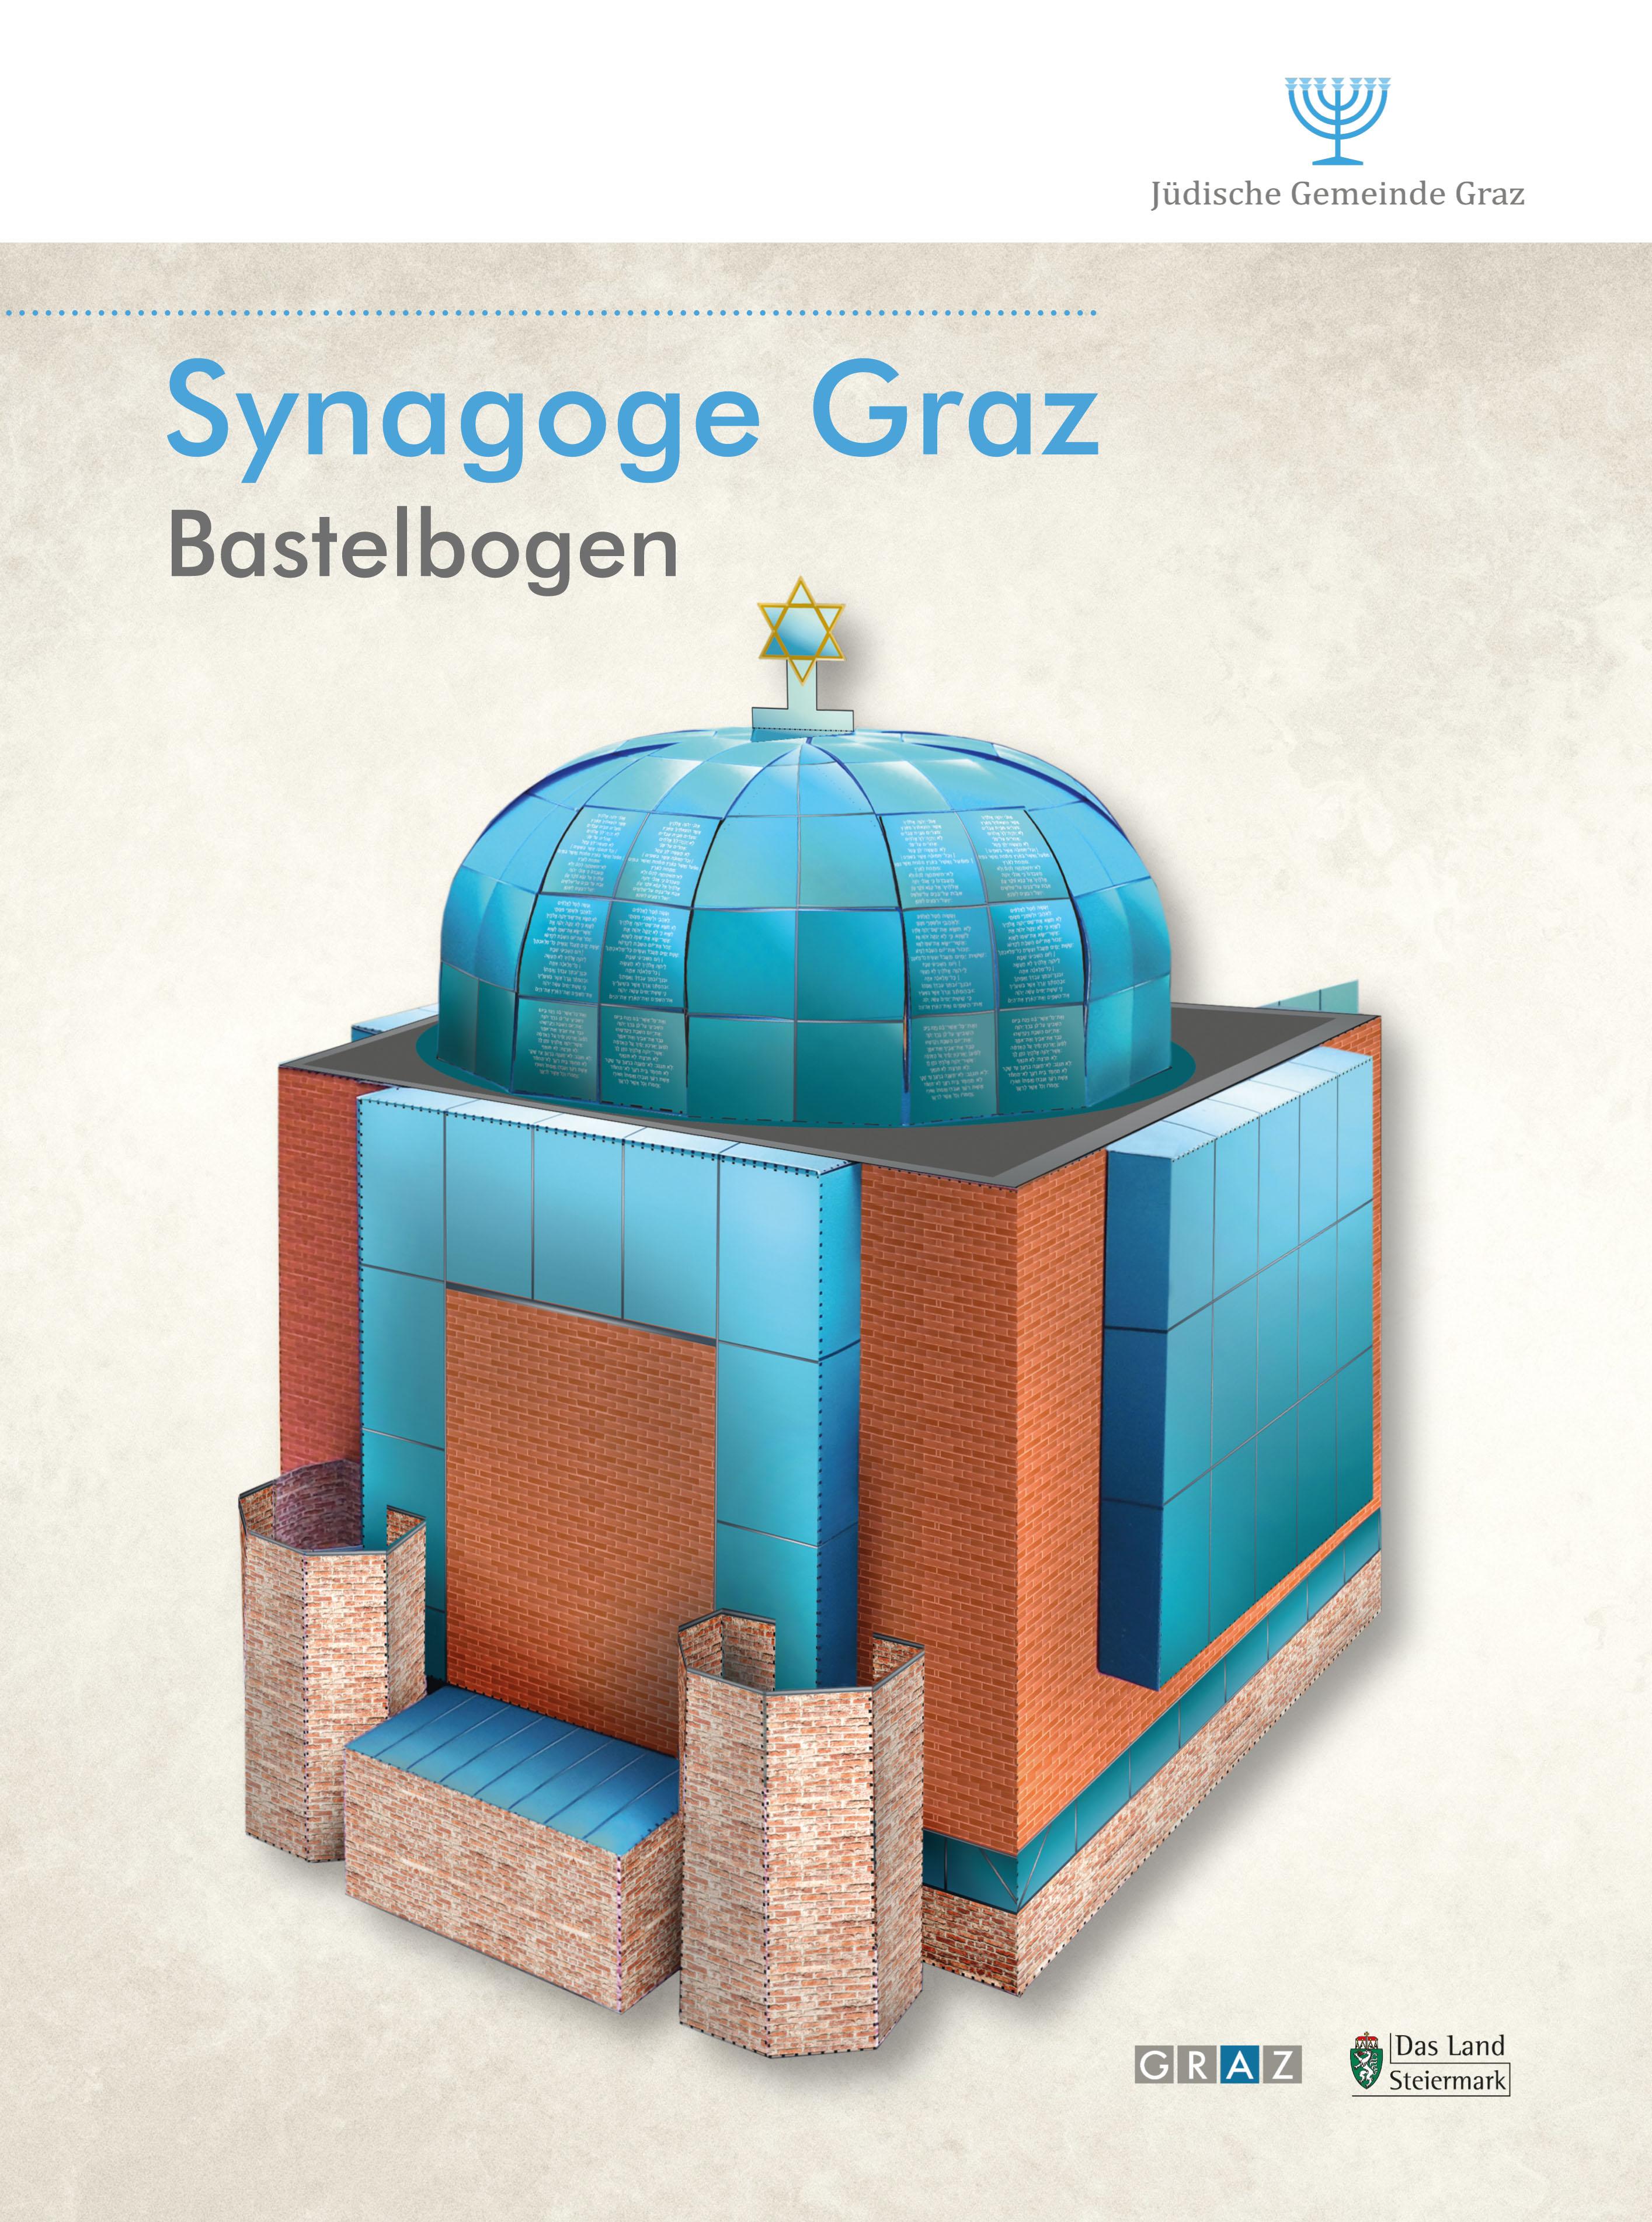 Synagoge Graz Bastelbogen